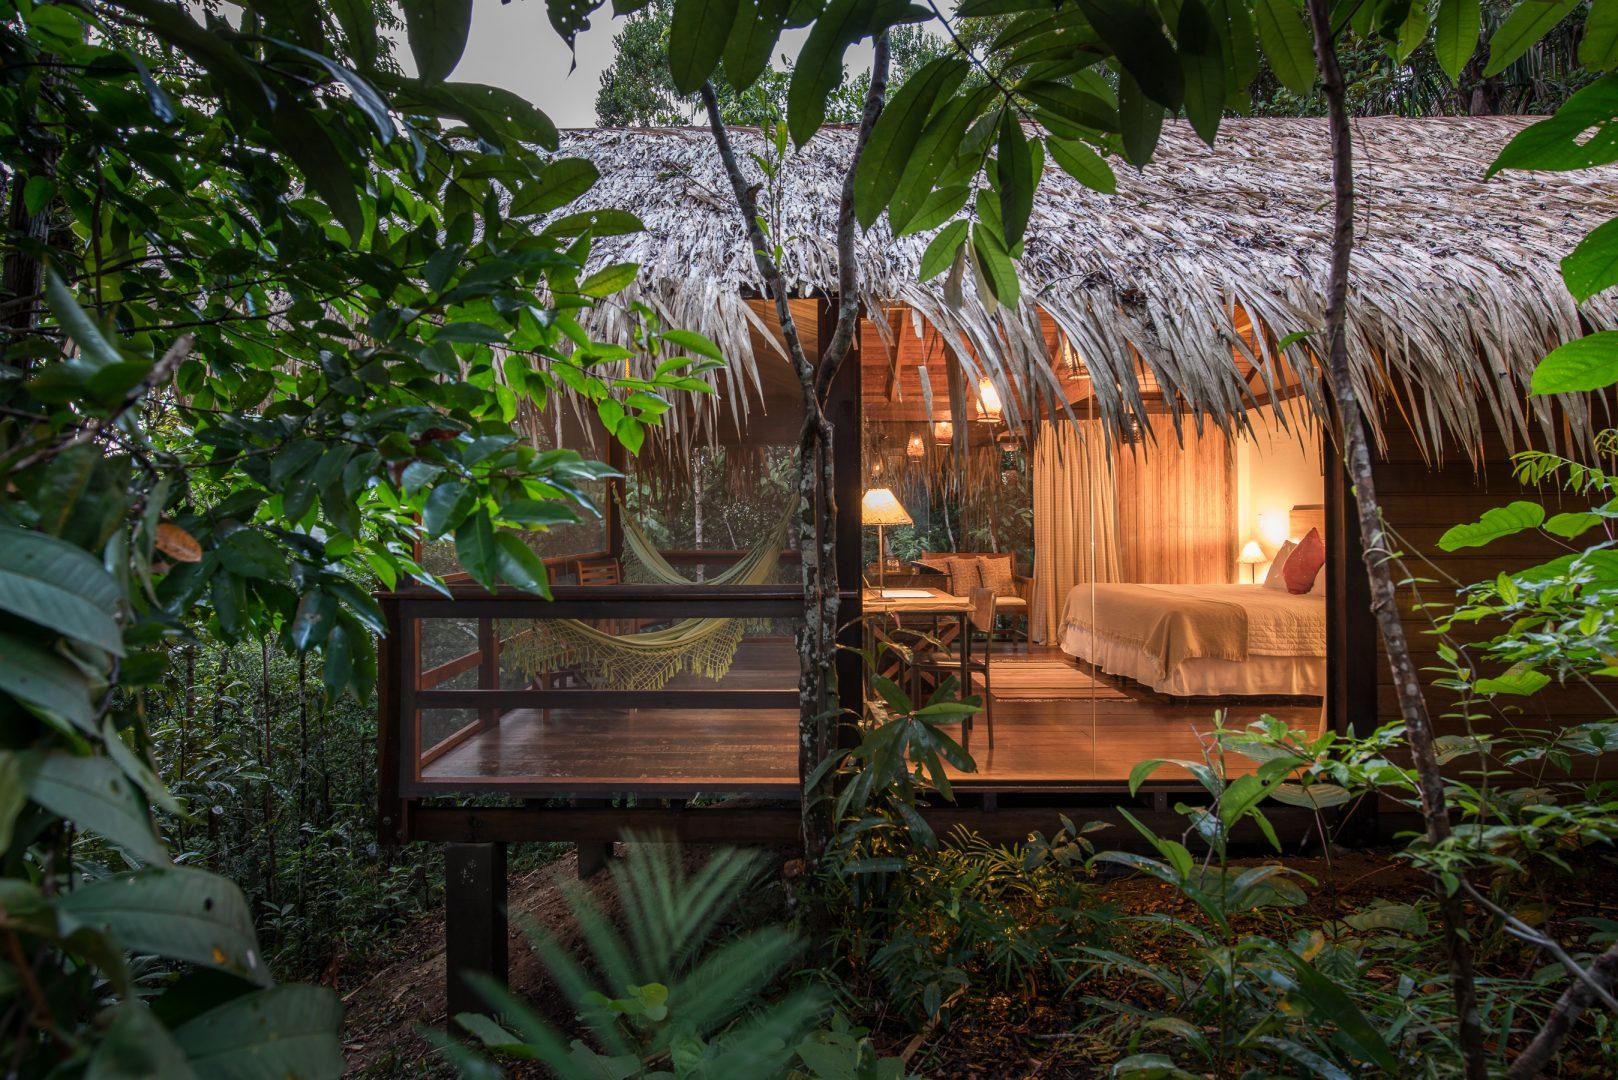 Amazon Jungle Images